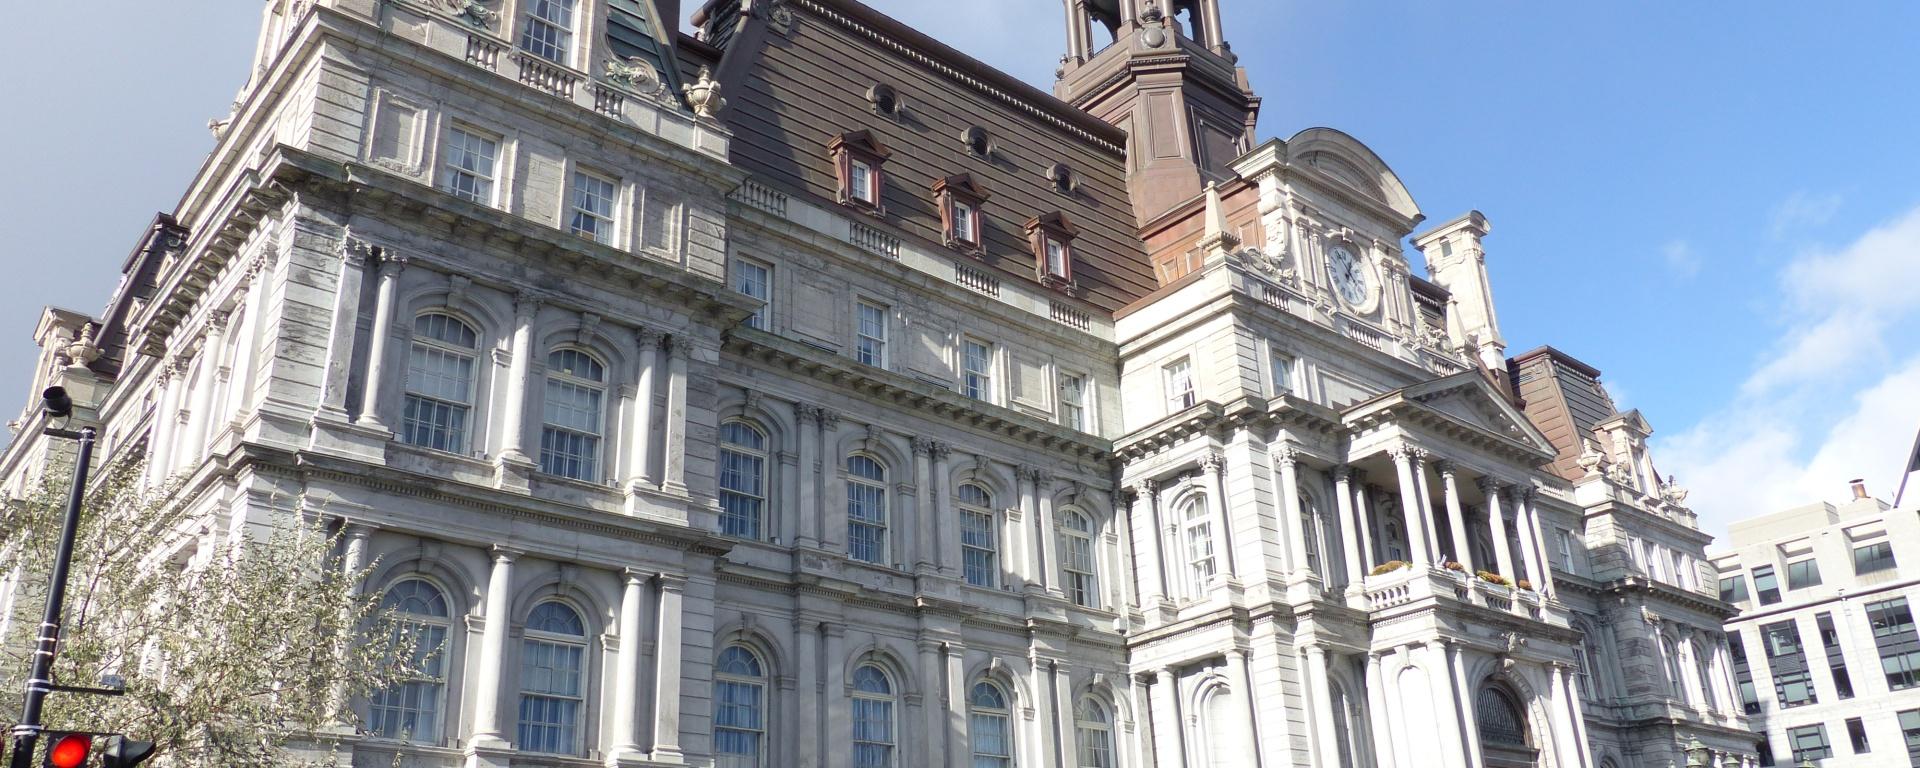 Hôtel de Ville (City Hall) in Vieux Montreal